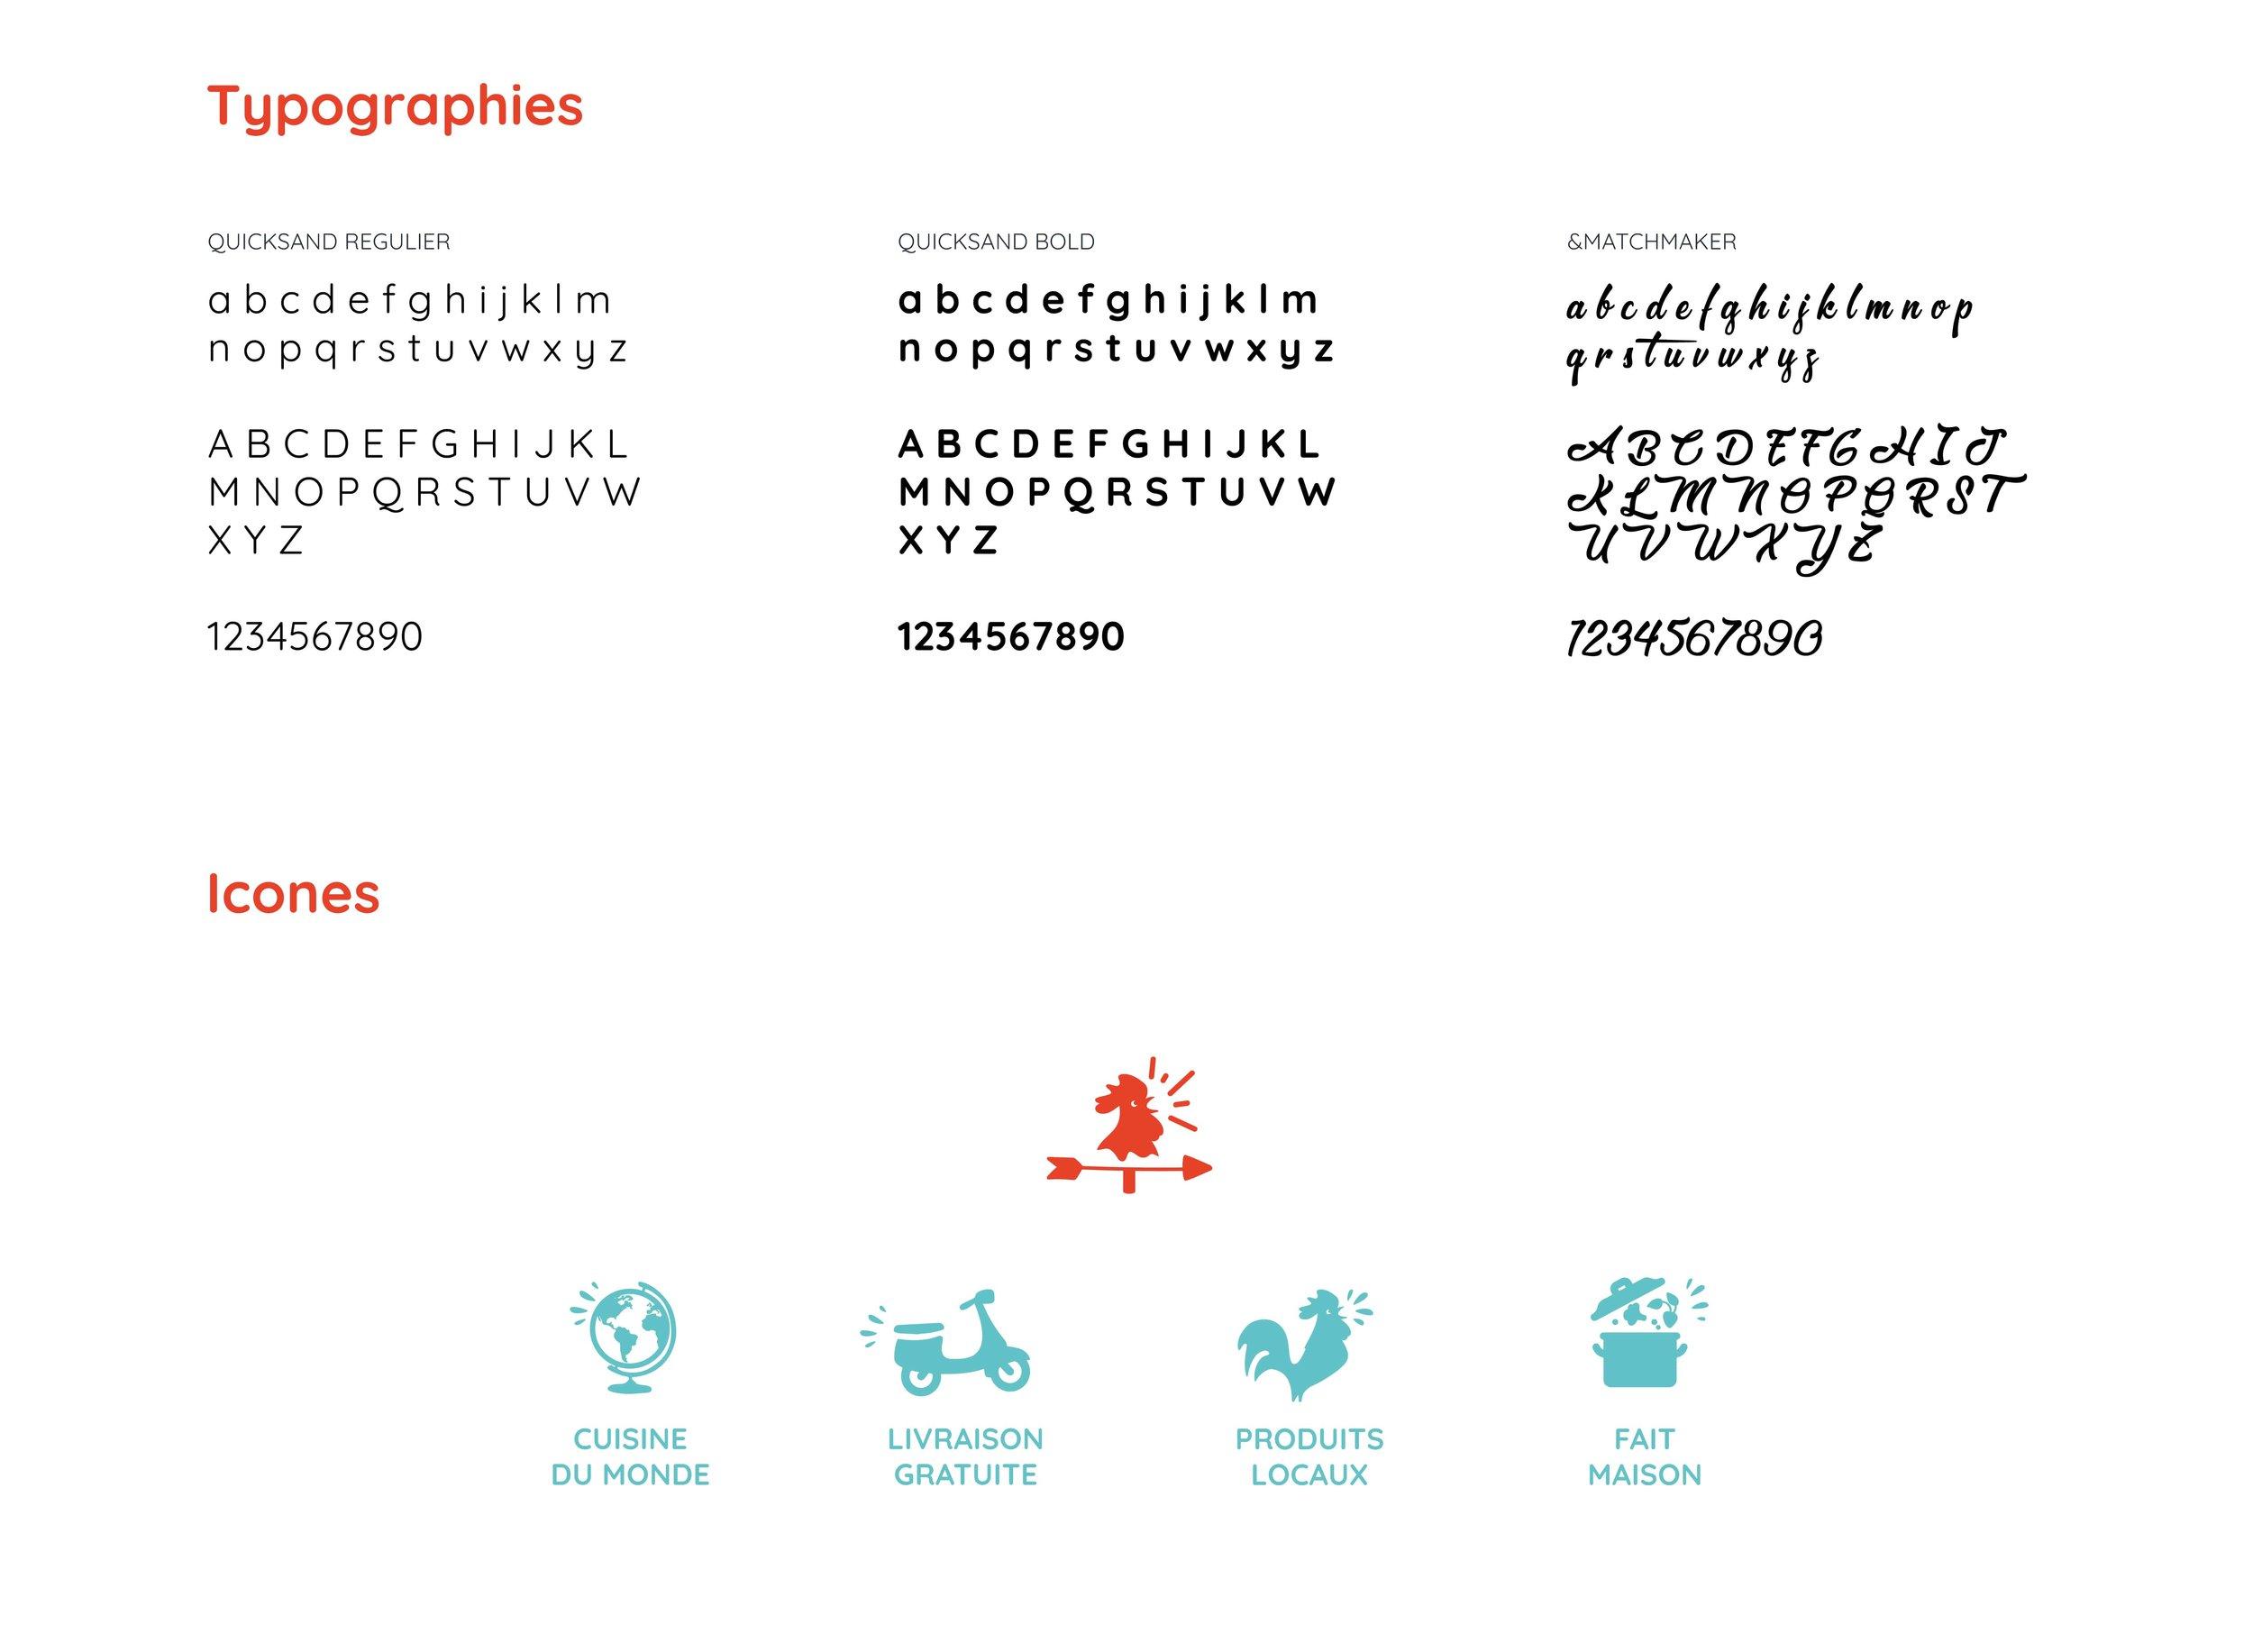 jungle_cook_3-icones_typographie_quicksand.jpg